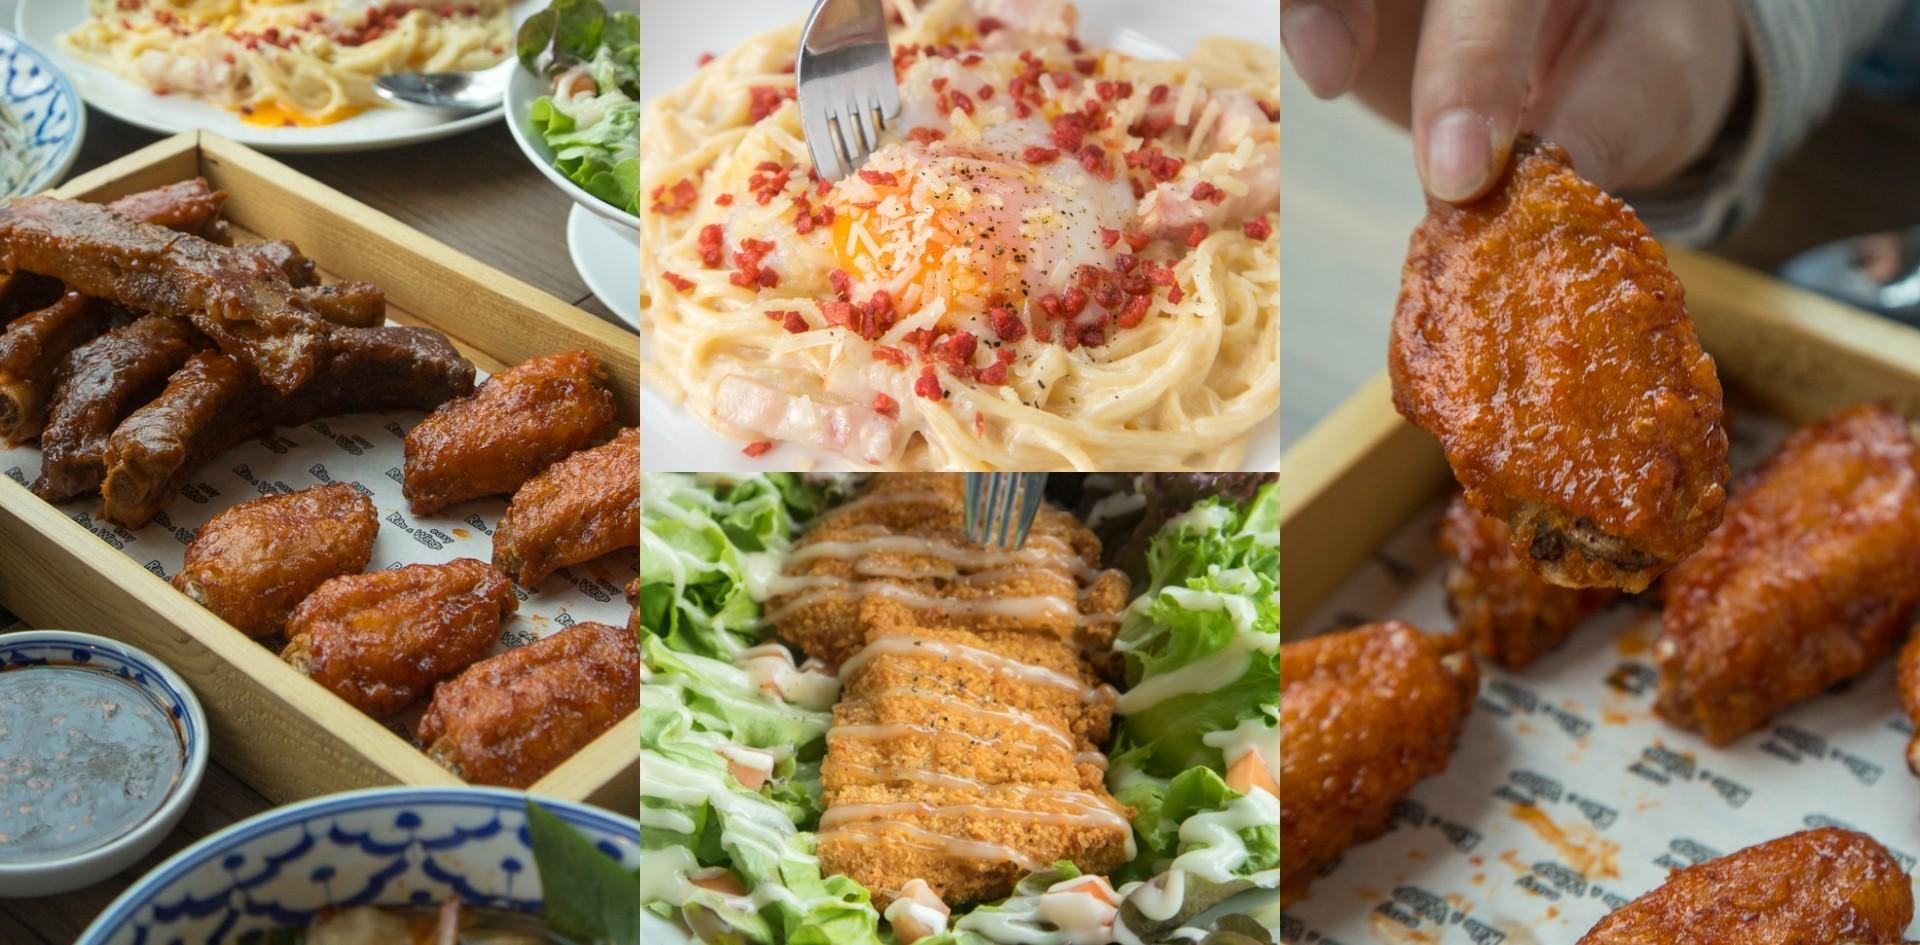 Ribs & Wings ร้านอาหารไทย-ฟิวชัน ซี่โครงหมูสุดพีค! ปีกไก่ทอดสุดเด็ด!